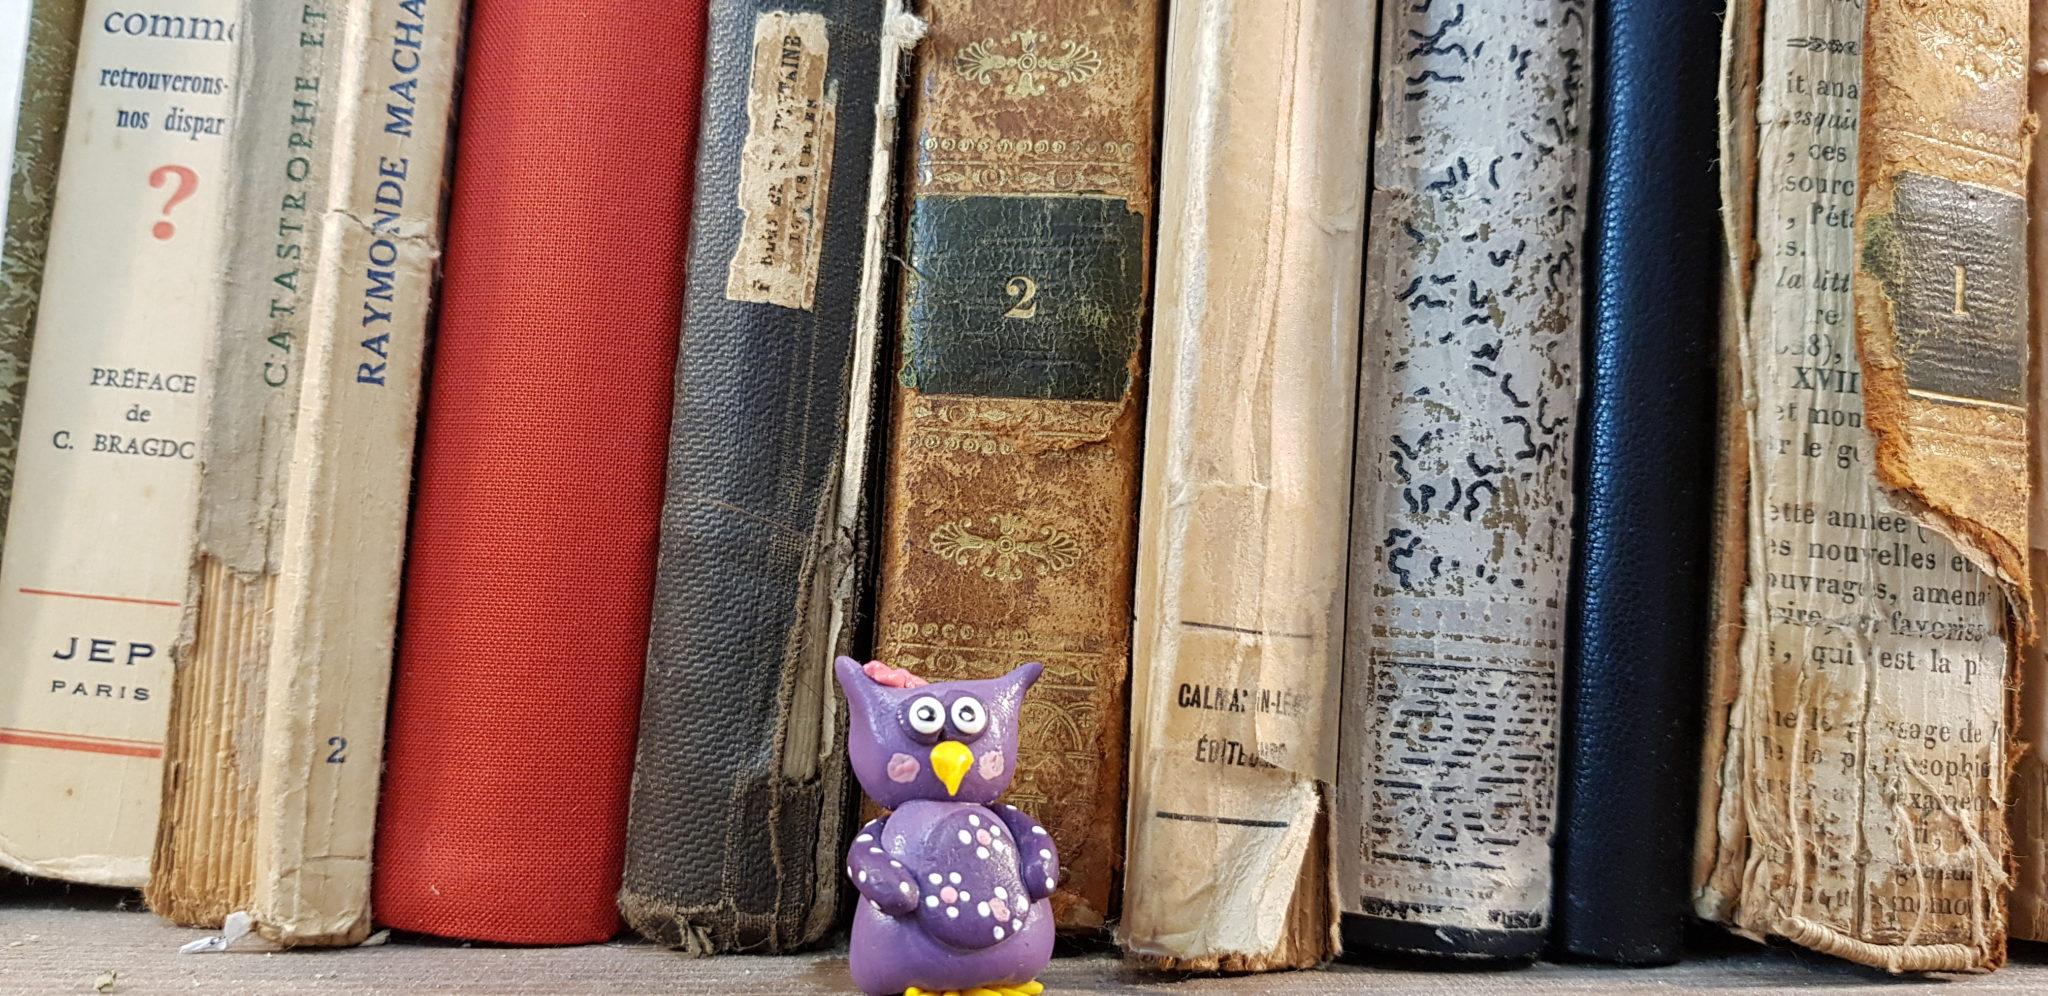 cacahuète chouette livres